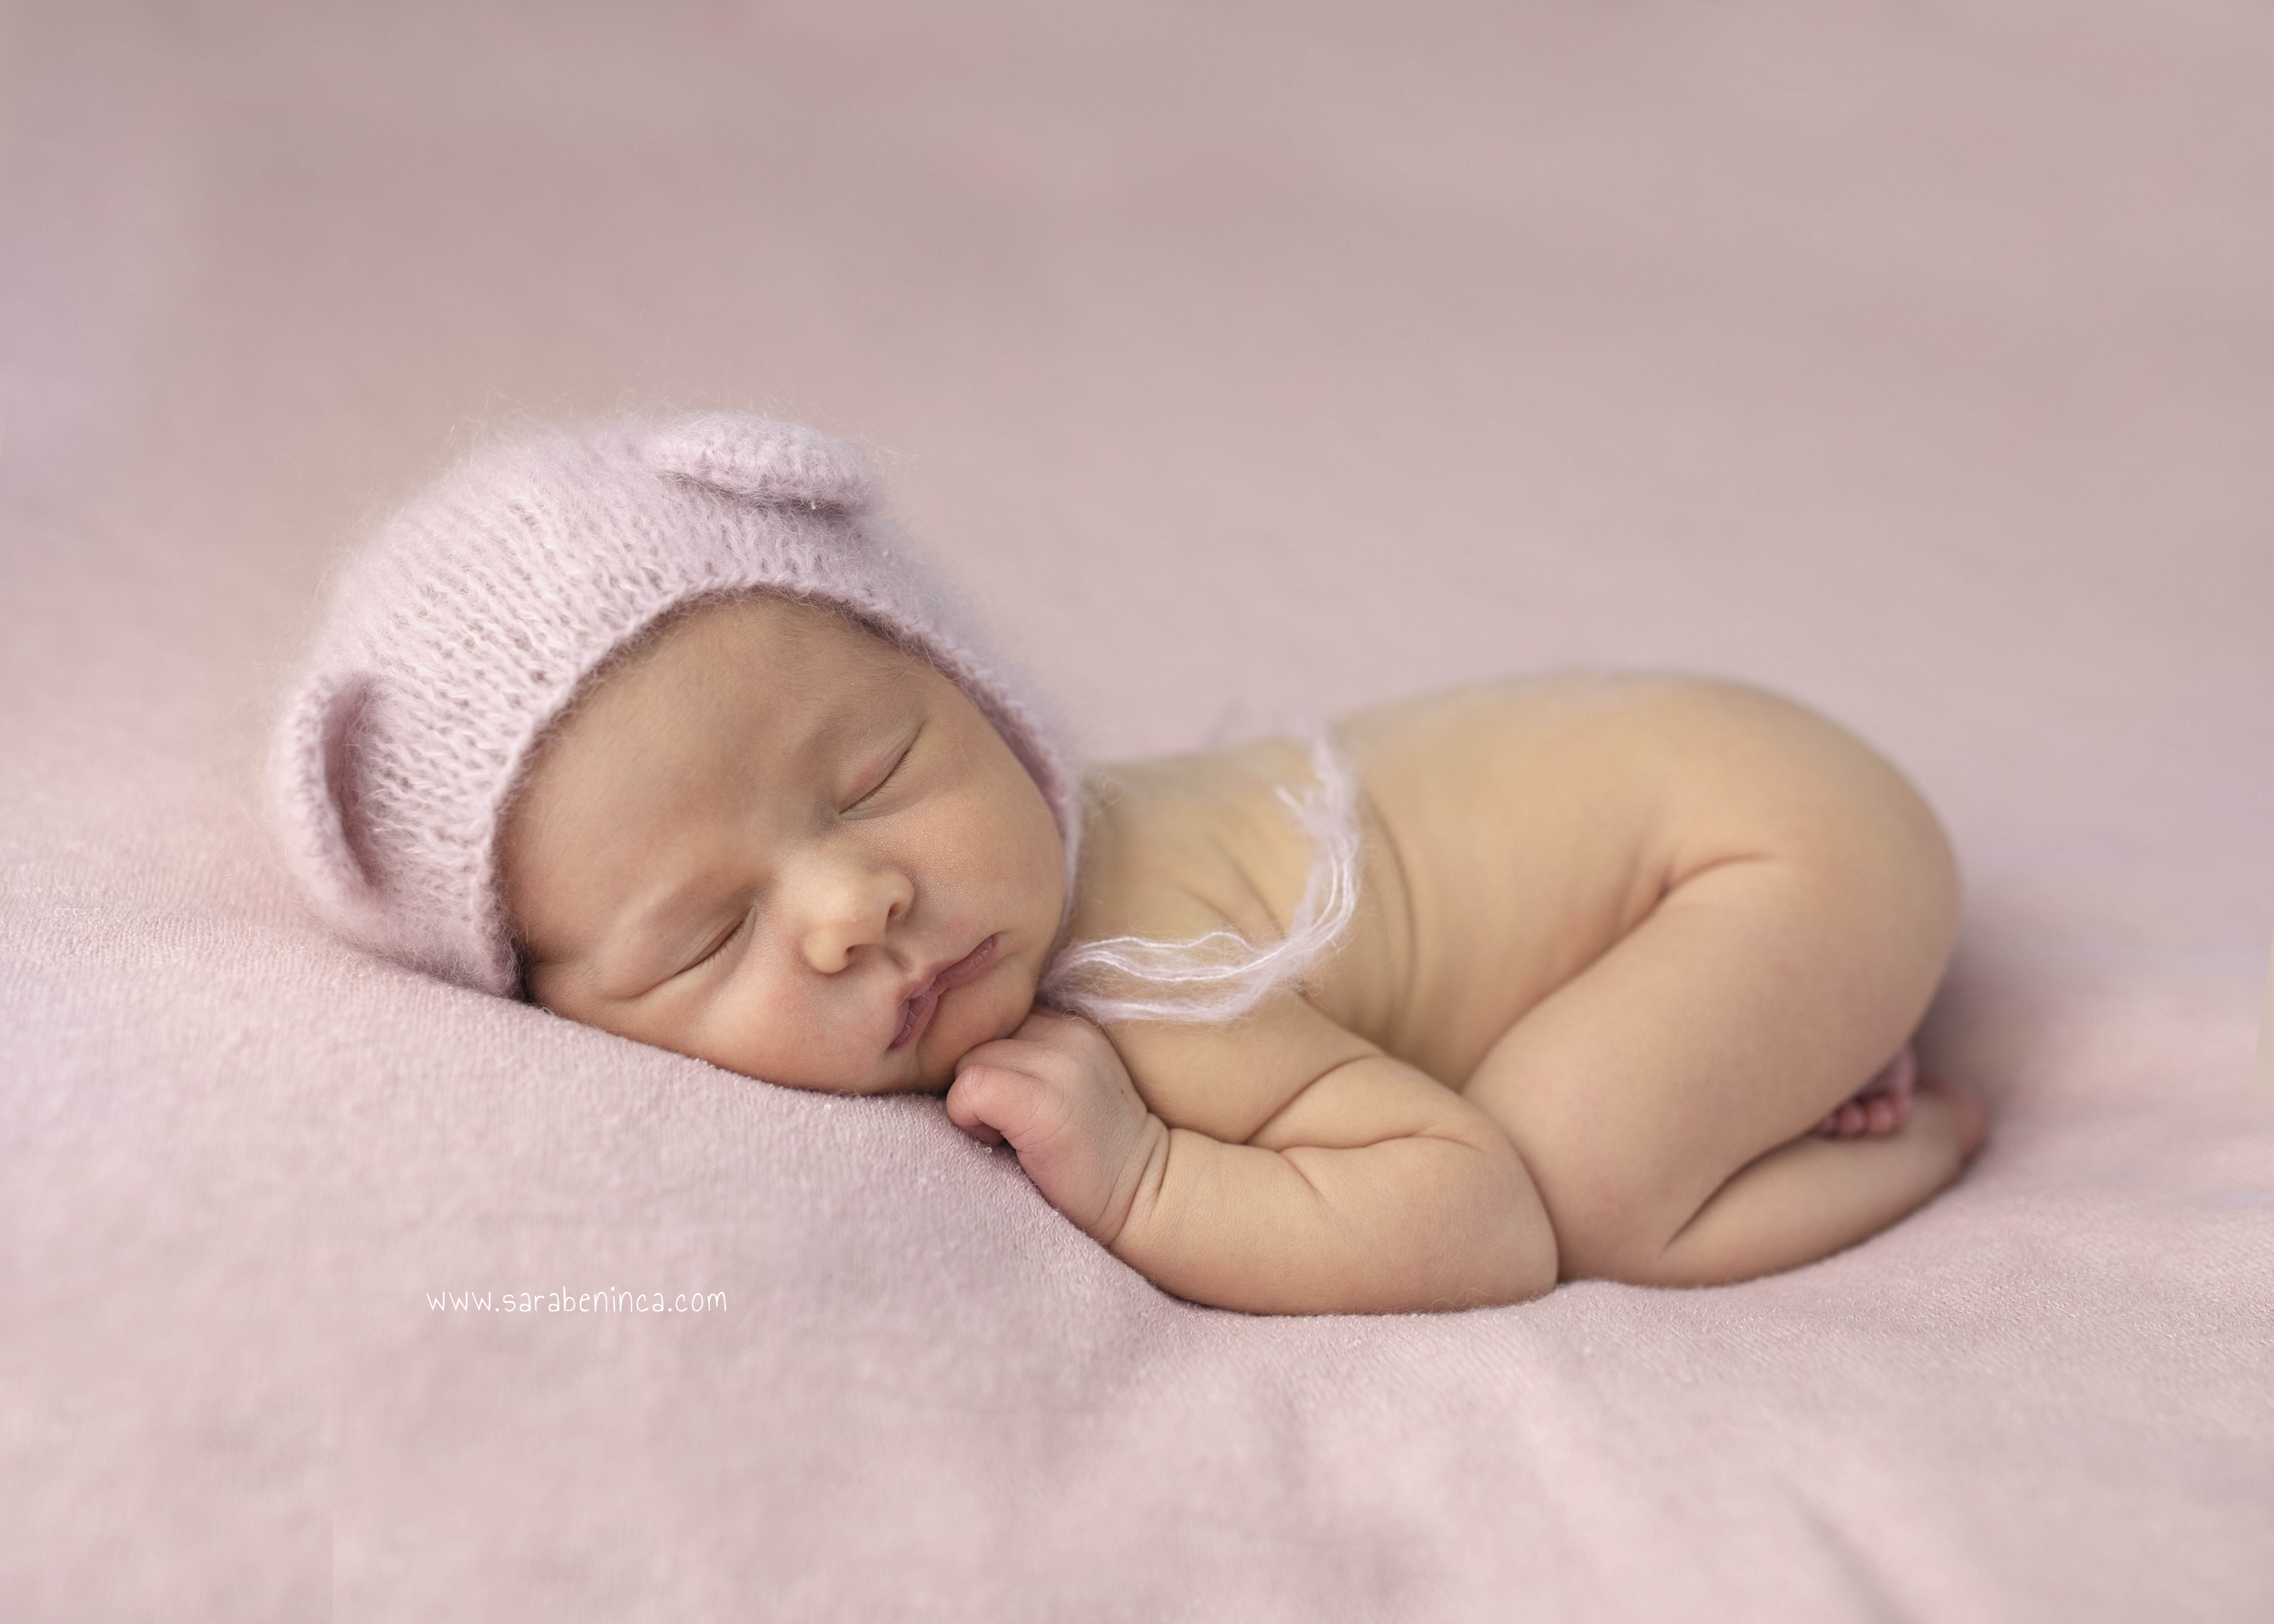 Photographe 74 nouveau-né bébé gross